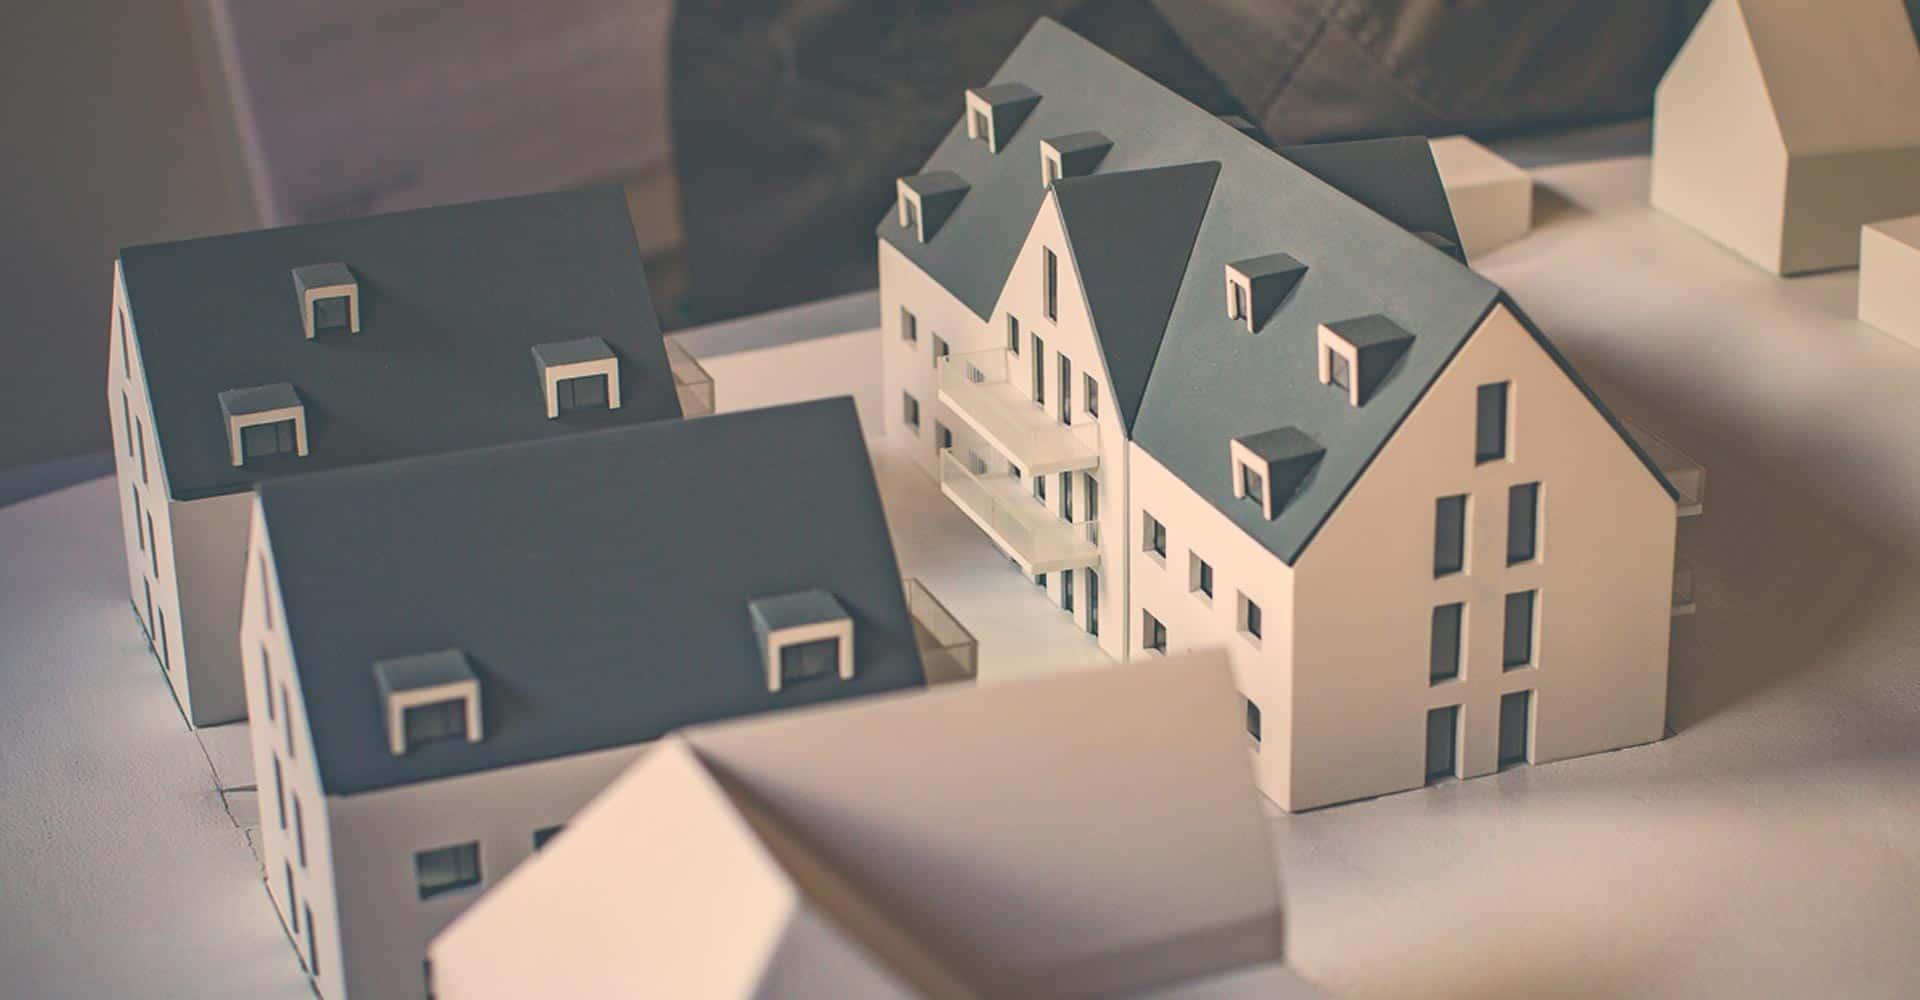 PQA, Park Quartiere Altfranken, Neubau, Grundsteinlegung, Richtfest, 15 Eigentumswohnungen, Architektur, Handwerk, Modell